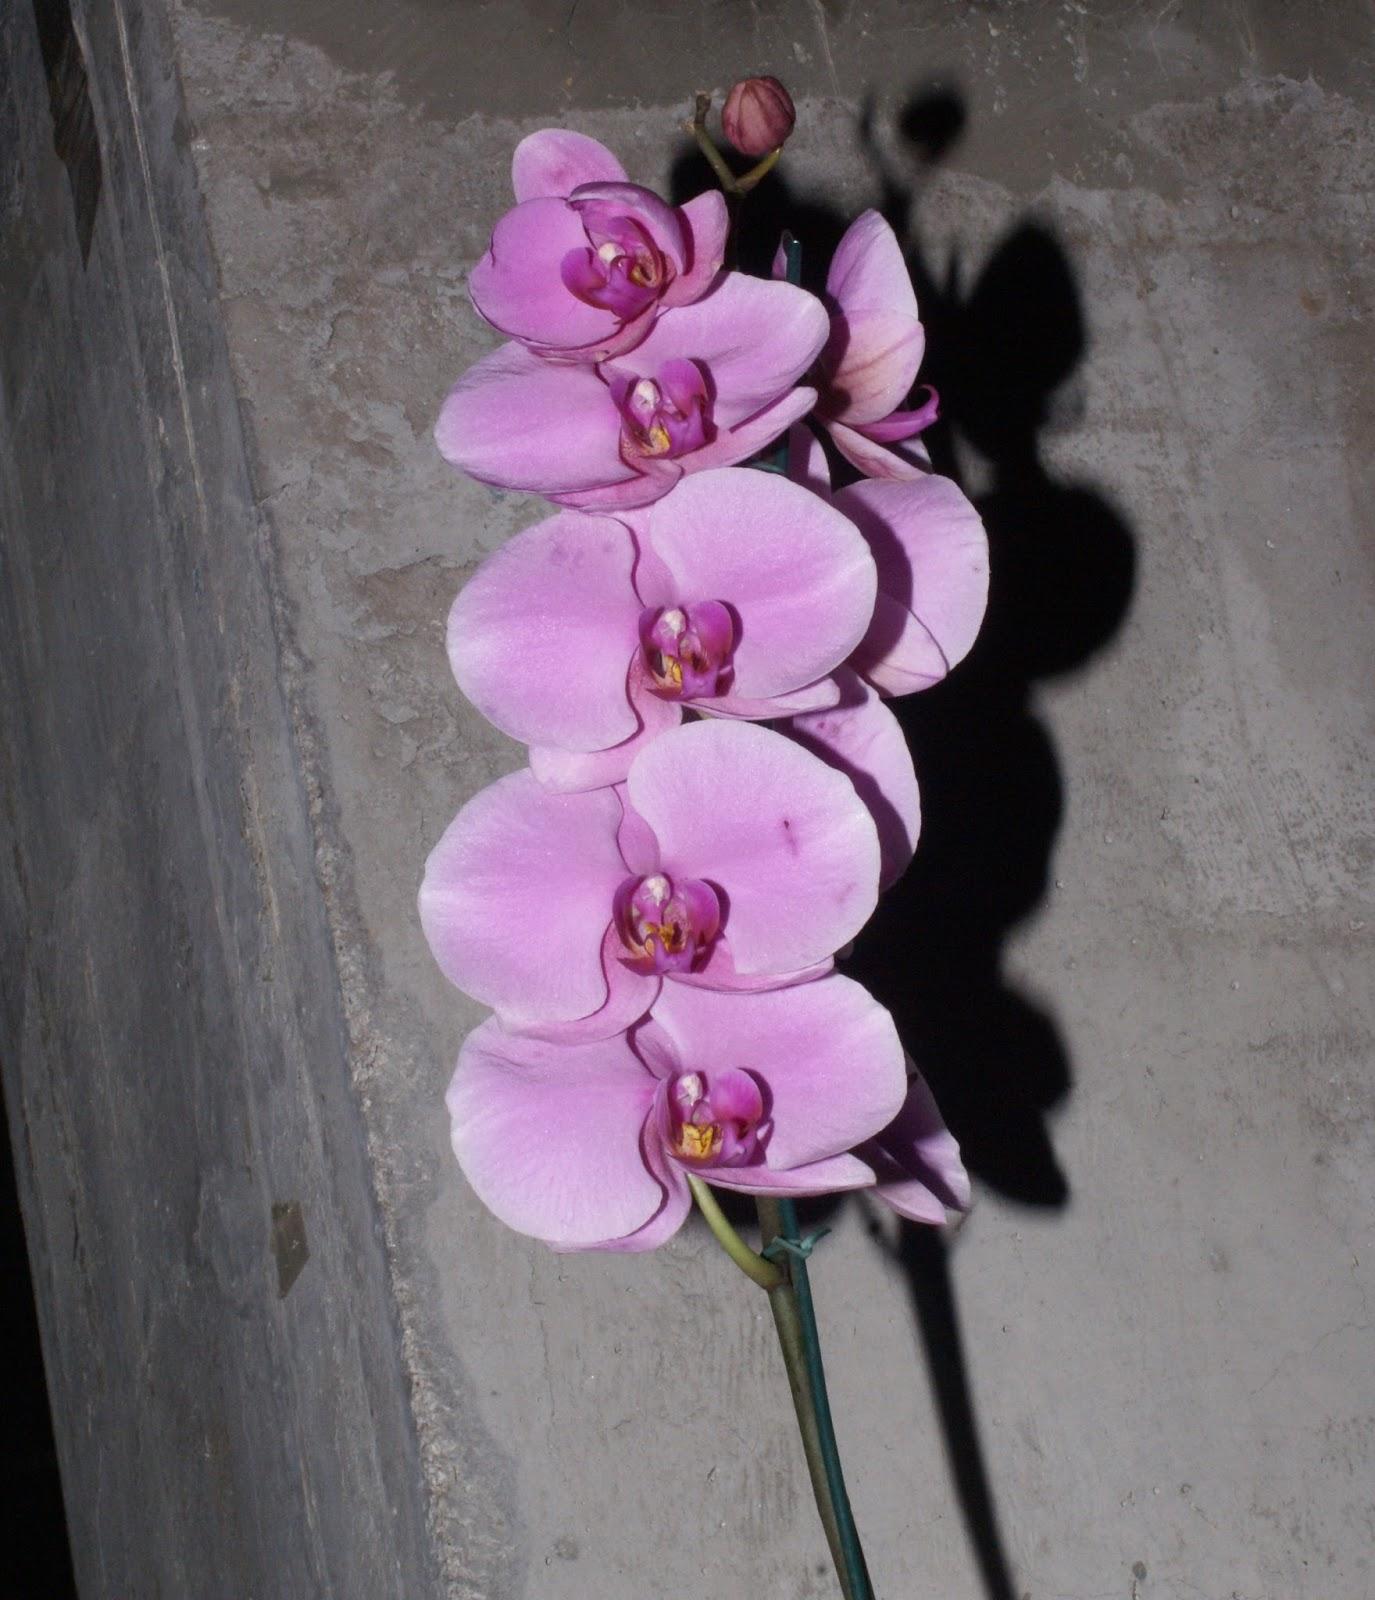 Orquídeas que florescem o ano todo!!!